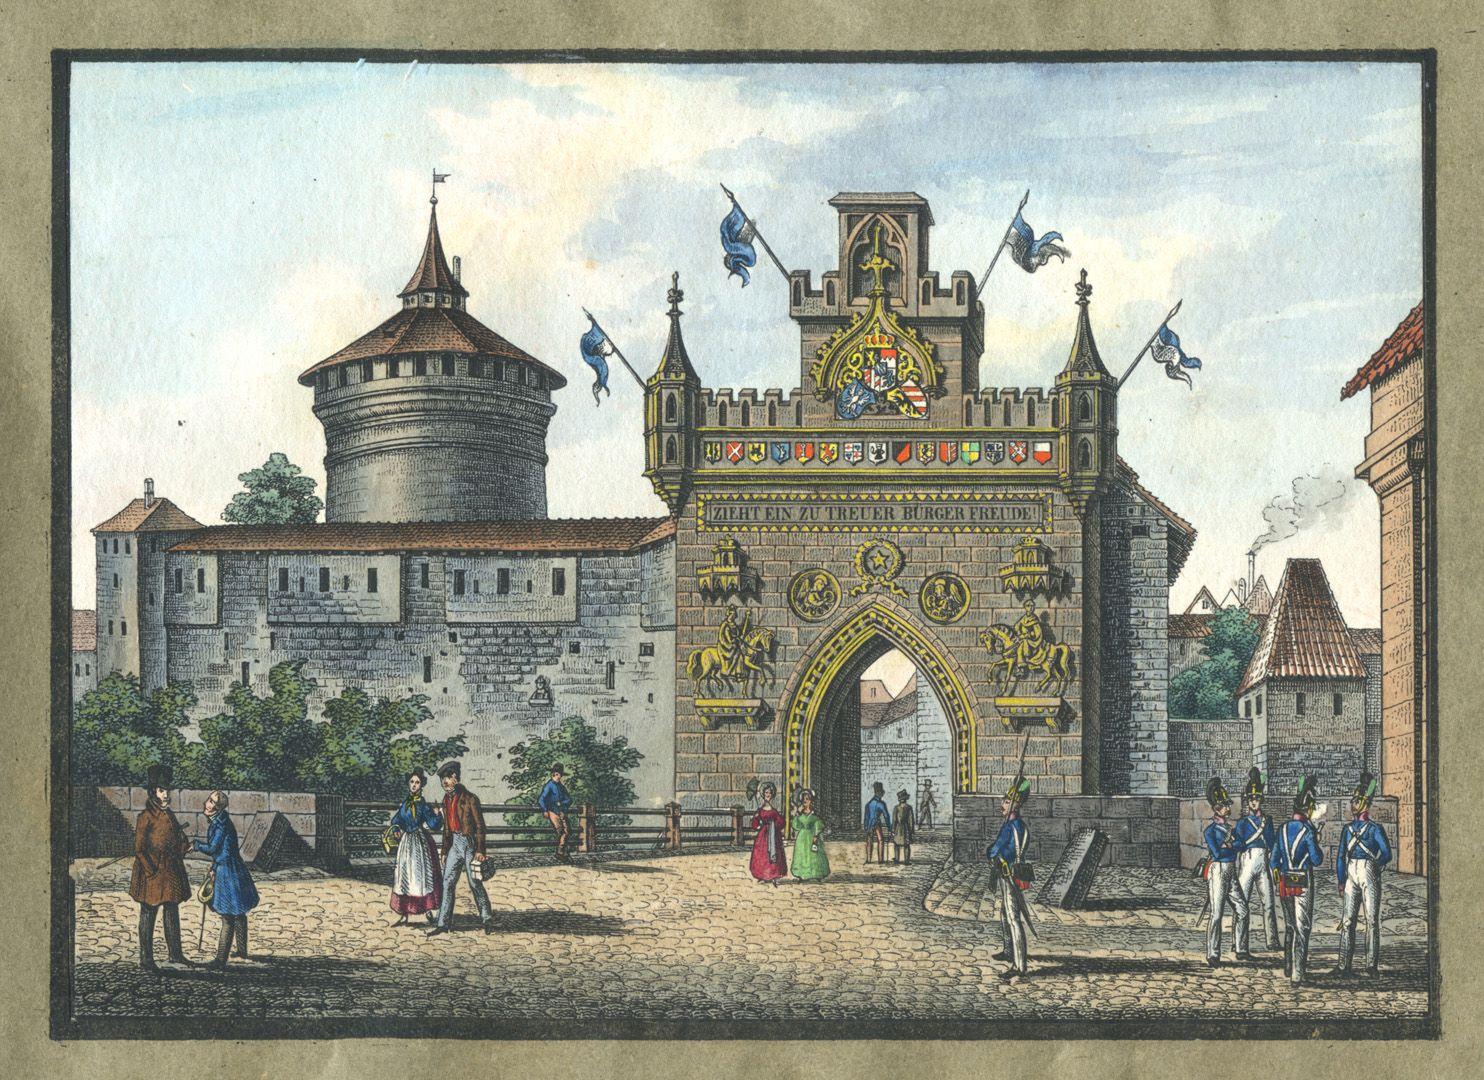 """Ansichten von Nürnberg und seinen Umgebungen """"Ehrenpforte am Spittlerthor in Nürnberg errichtet zum Einzug S.M. des Königs am 6ten Sept. 1840"""""""